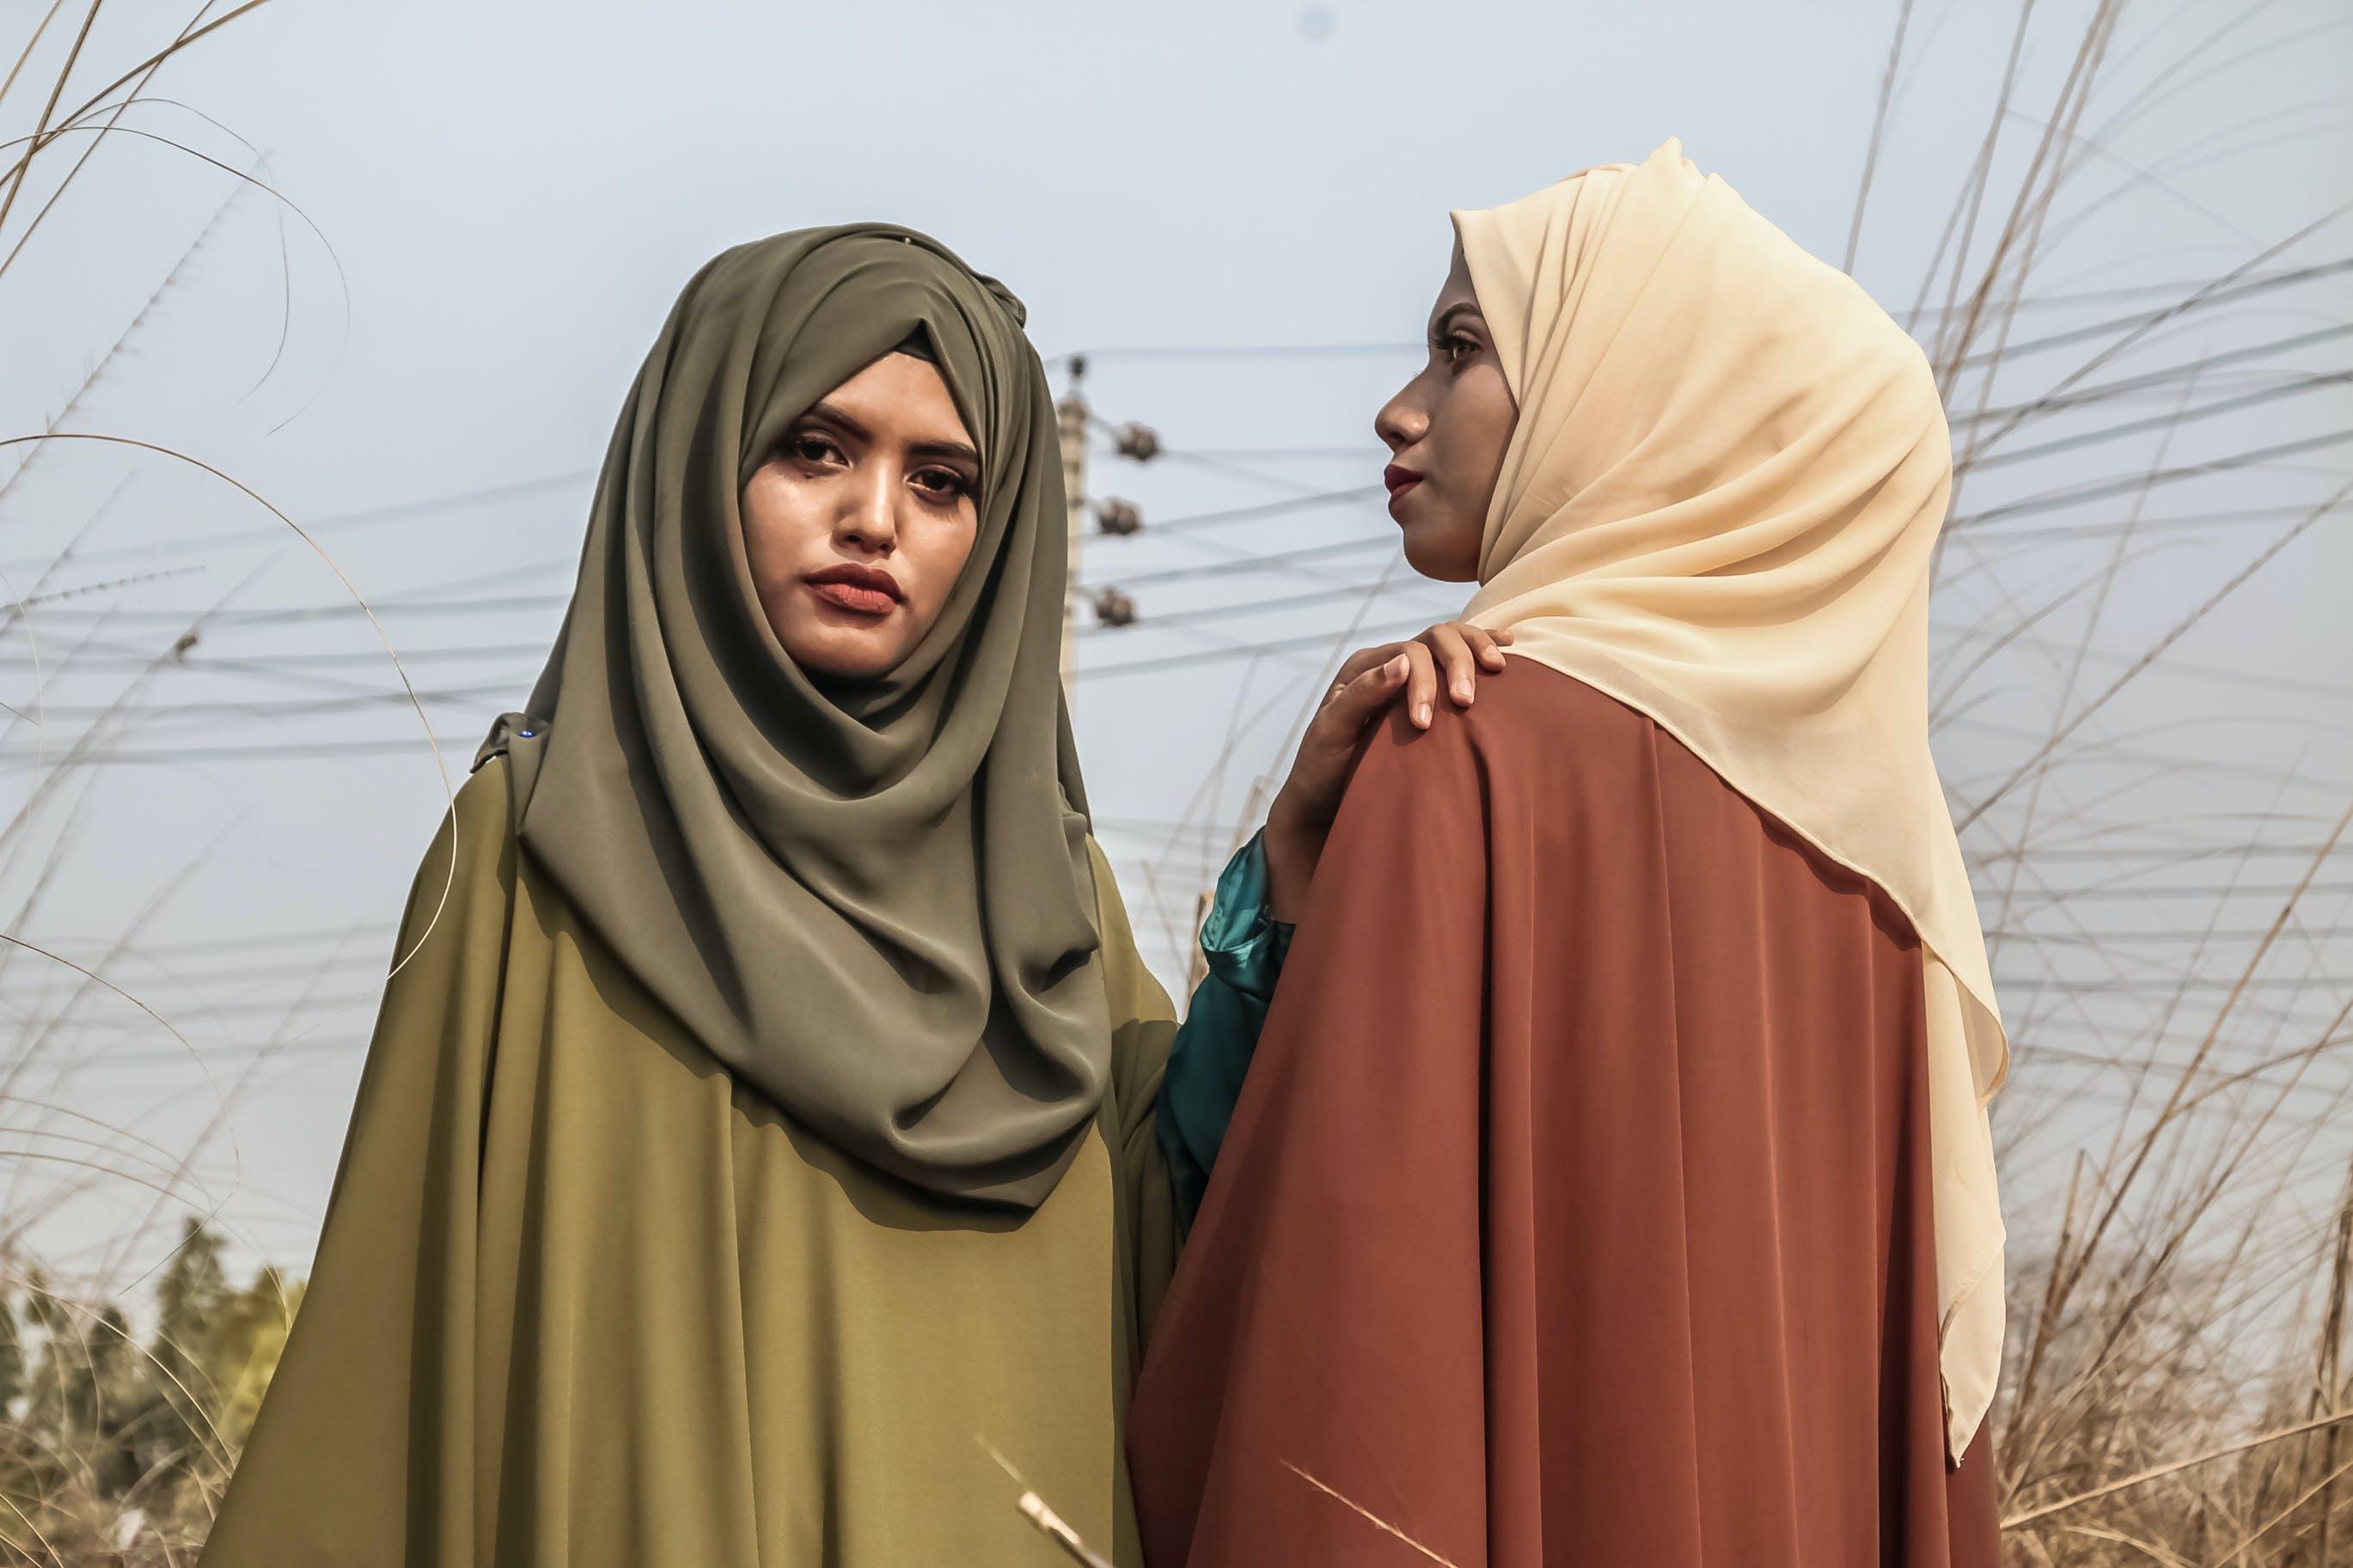 Kostenloses Stock Foto zu erwachsener, frau, gesichtsausdruck, hijab